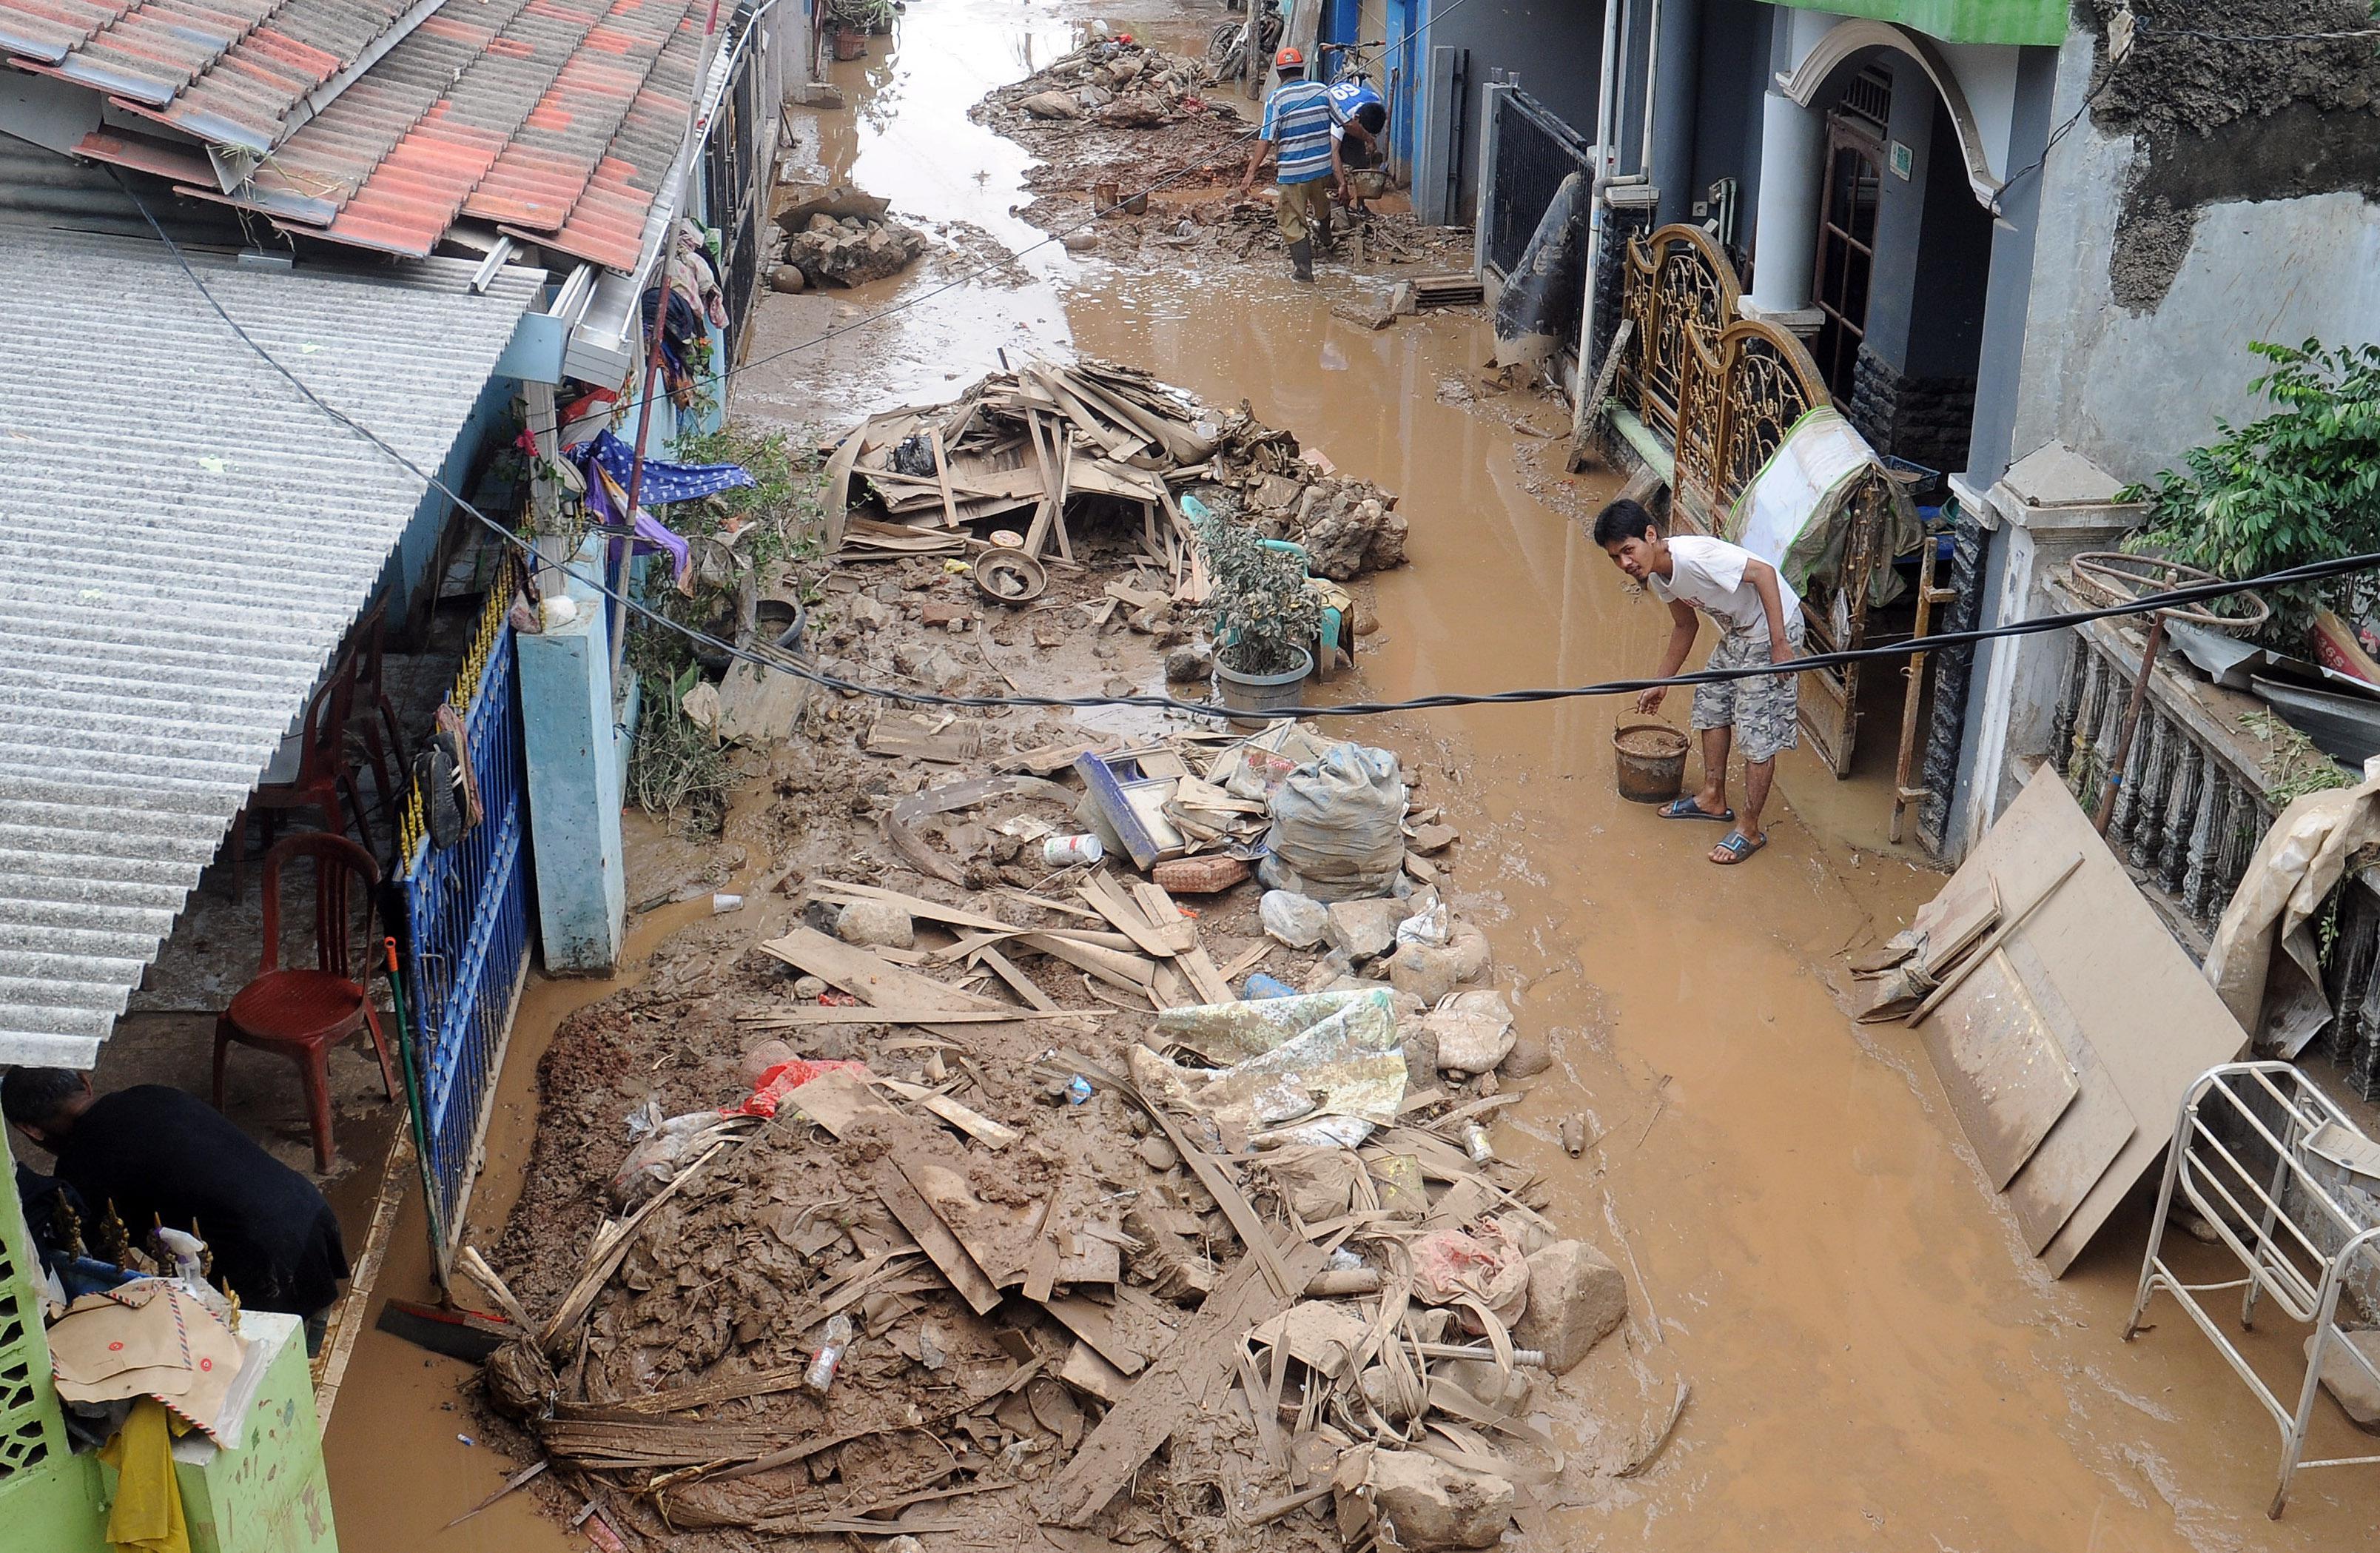 Des pluies diluviennes se sont abattues sur Jakarta et sa région. Les habitants des bidonvilles sont les plus exposés aux dangers.